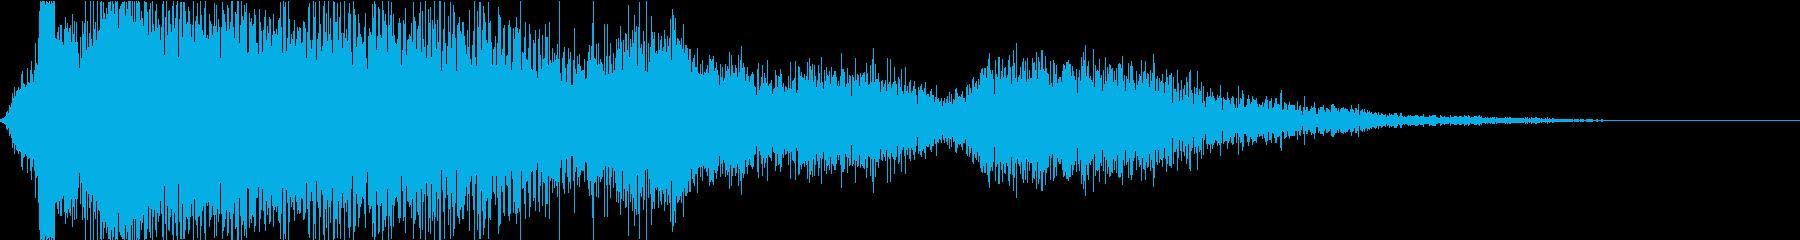 【映画】 トレーラーヒット_08 の再生済みの波形